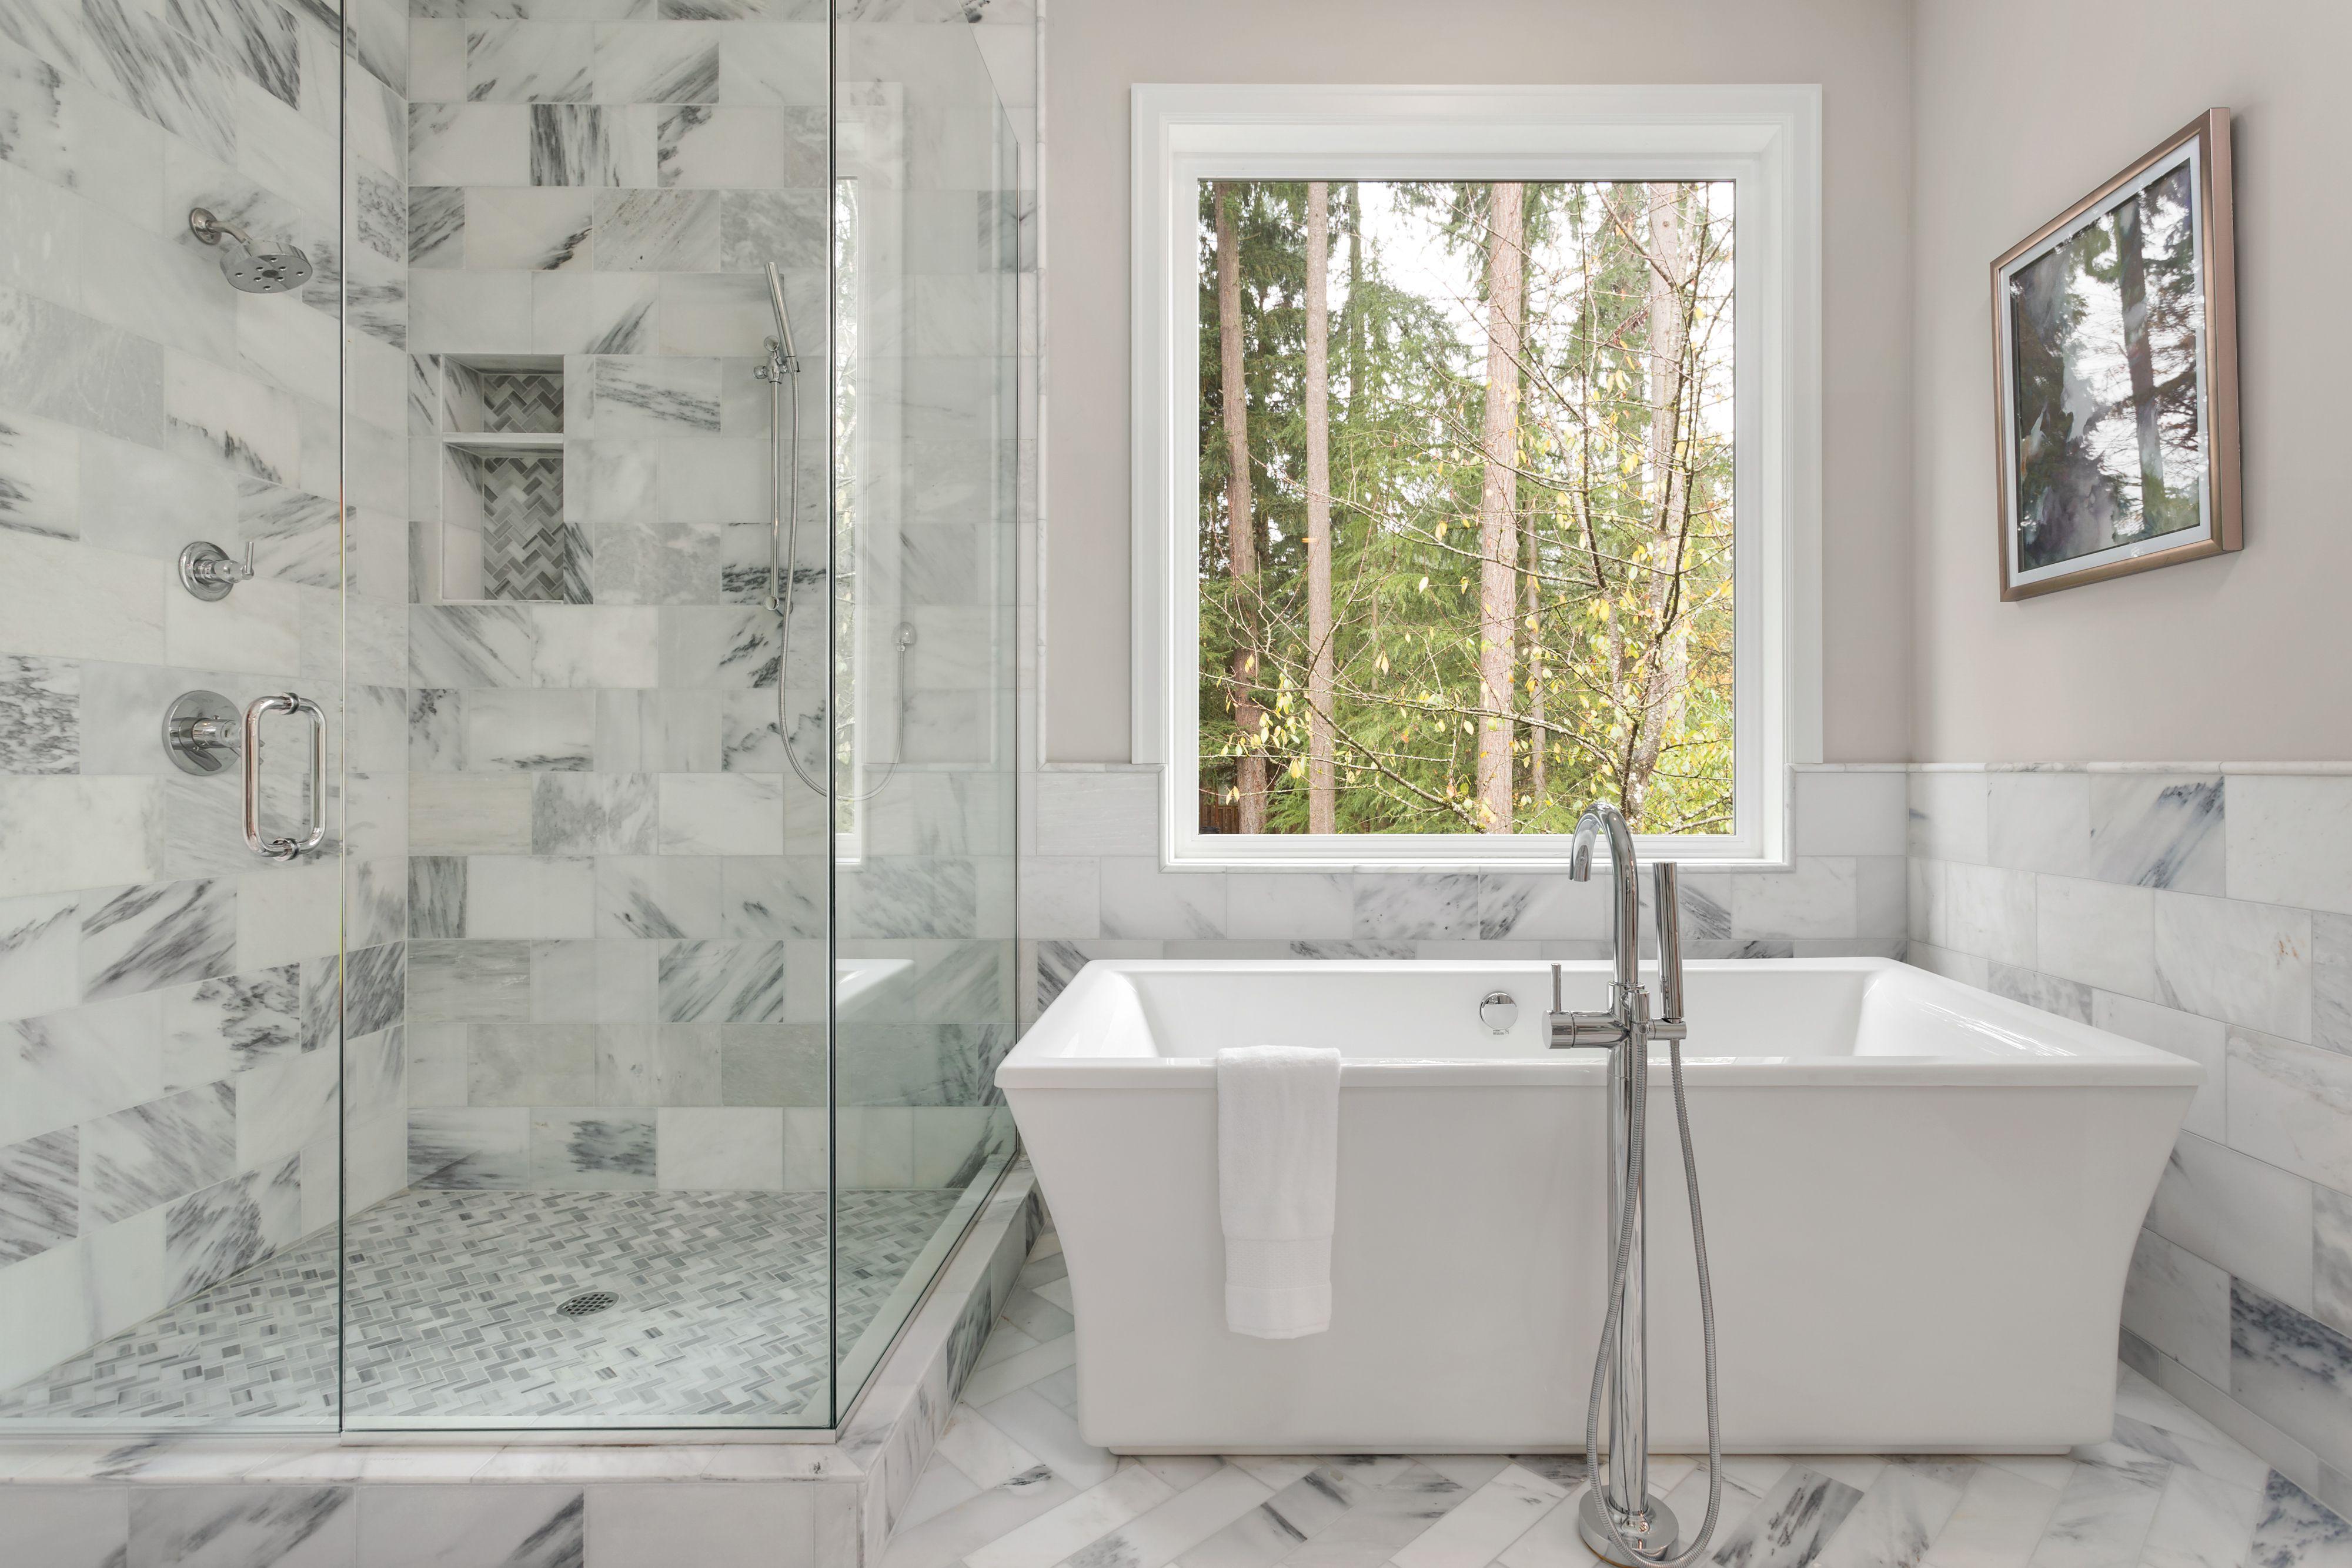 25 Amazing Dream Bathrooms, Master Bathroom Images